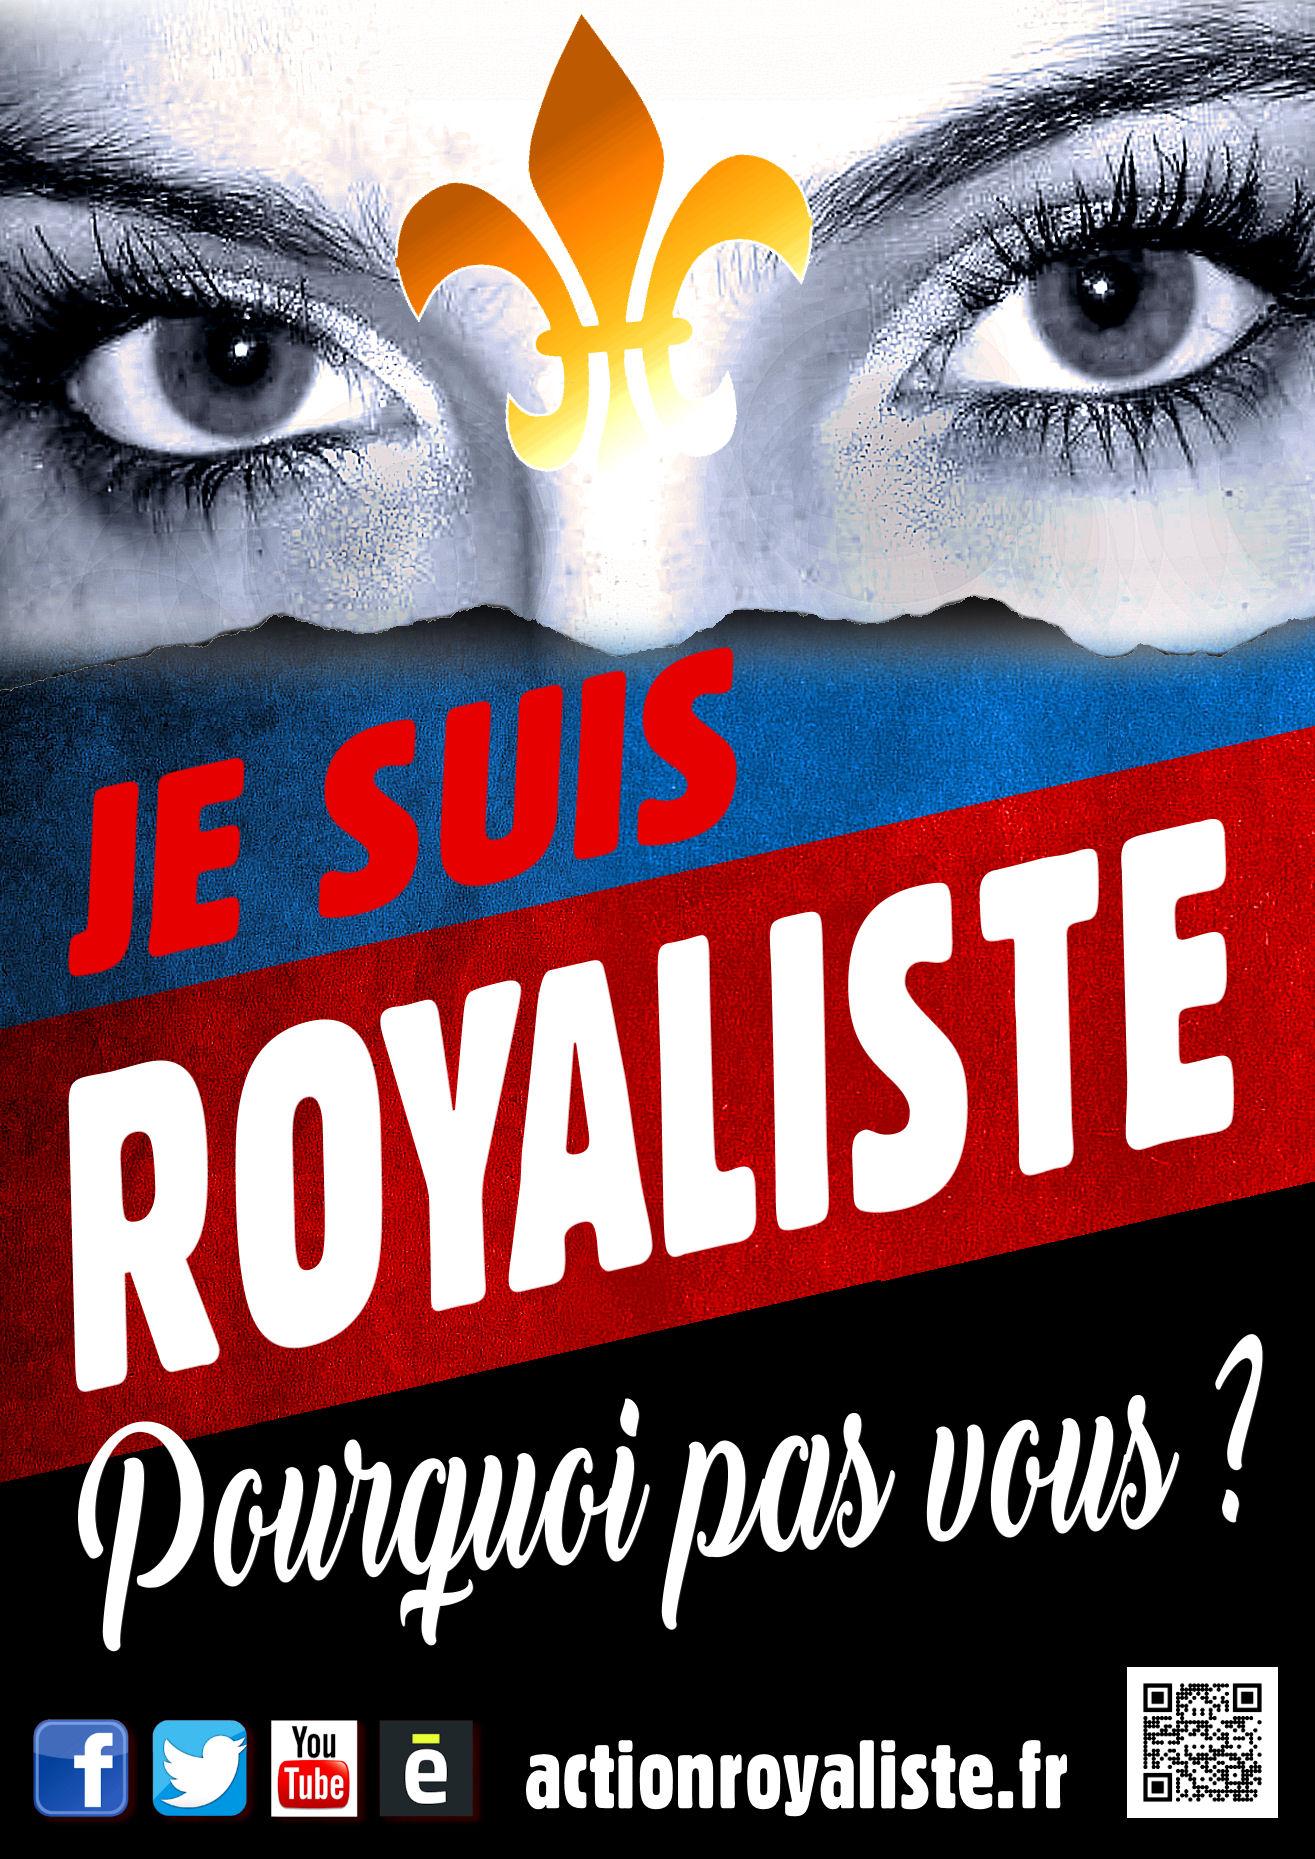 La République, meilleur argument pour la Monarchie ? :